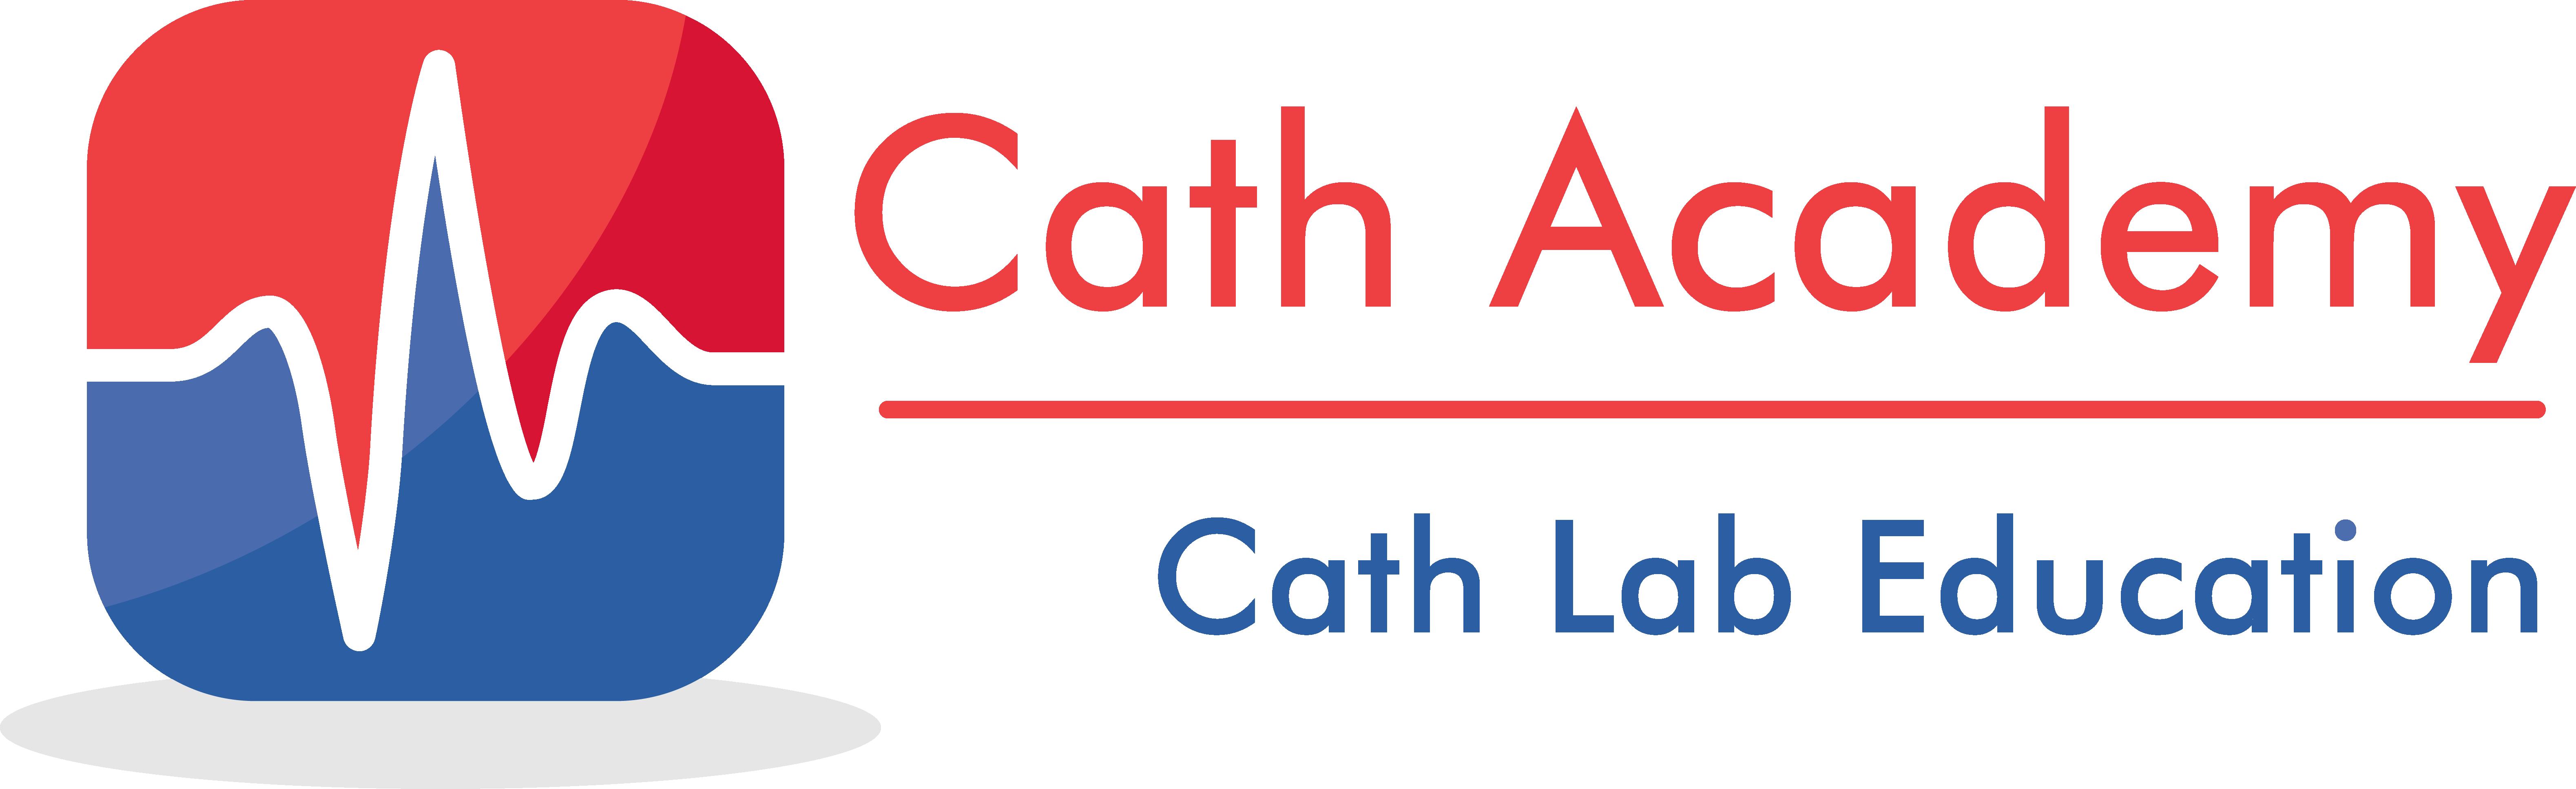 Cath Academy